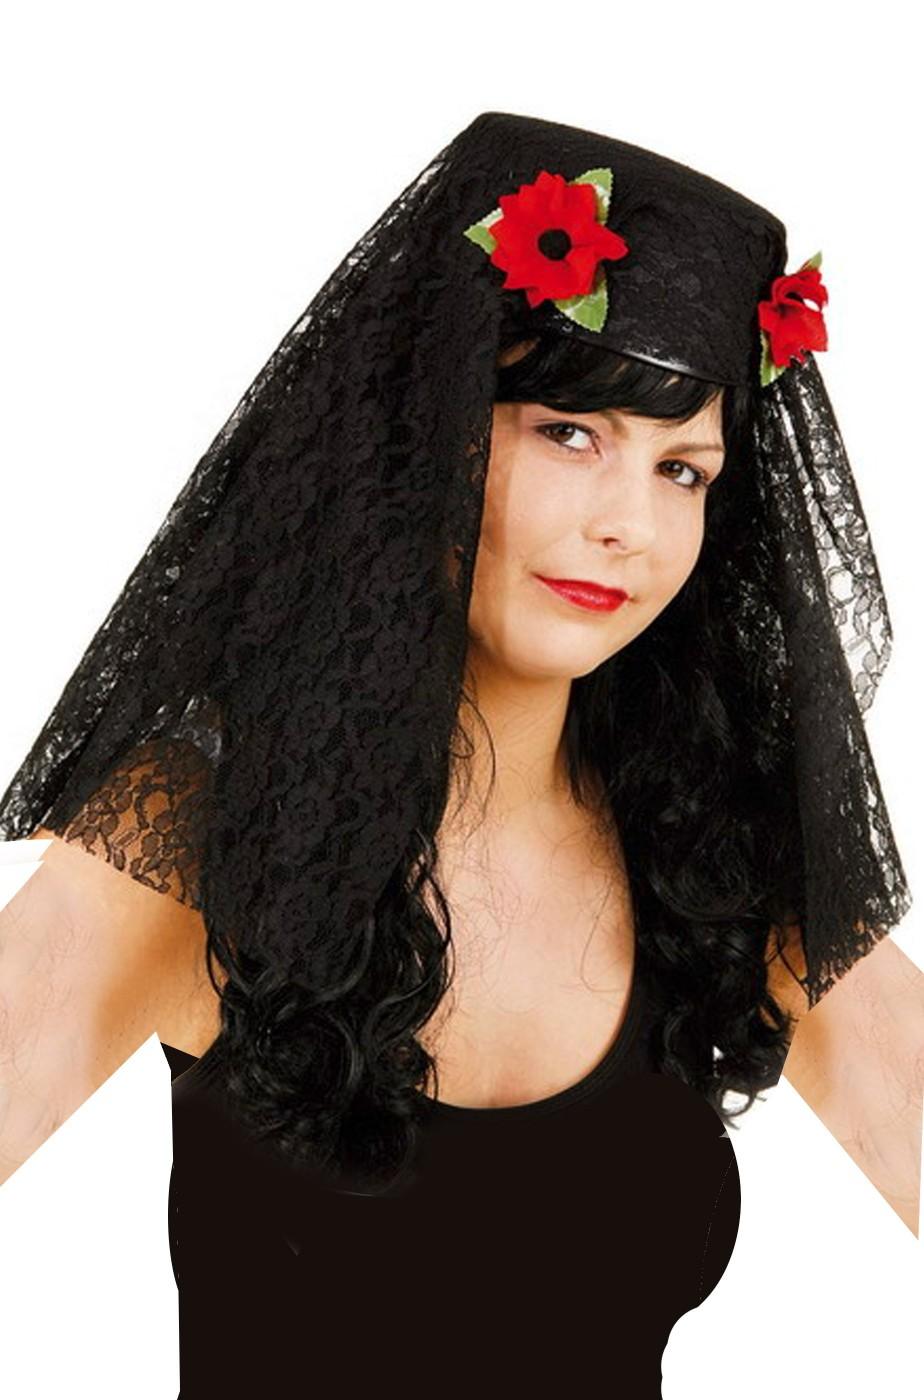 Cappello spagnola con velo di pizzo nero - CarnivalHalloween.com 8625a1870e27